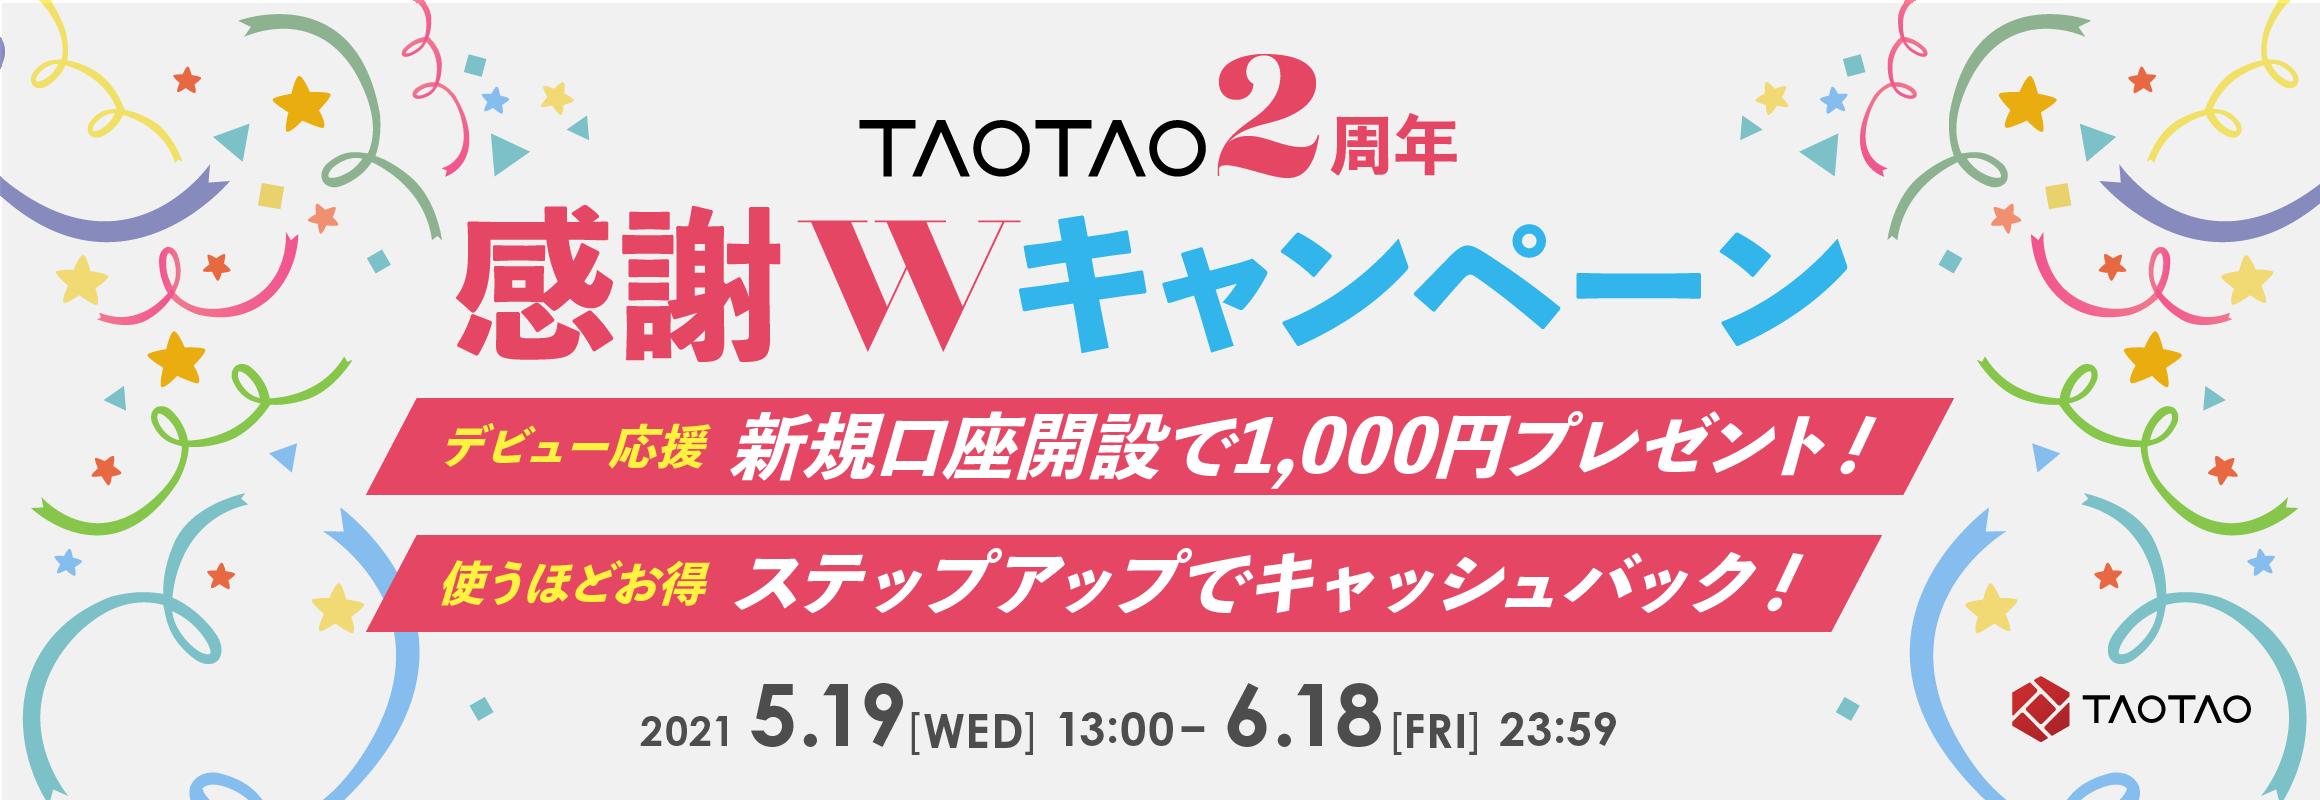 期間限定!暗号資産デビューやステップアップをサポート! TAOTAO2周年感謝Wキャンペーン